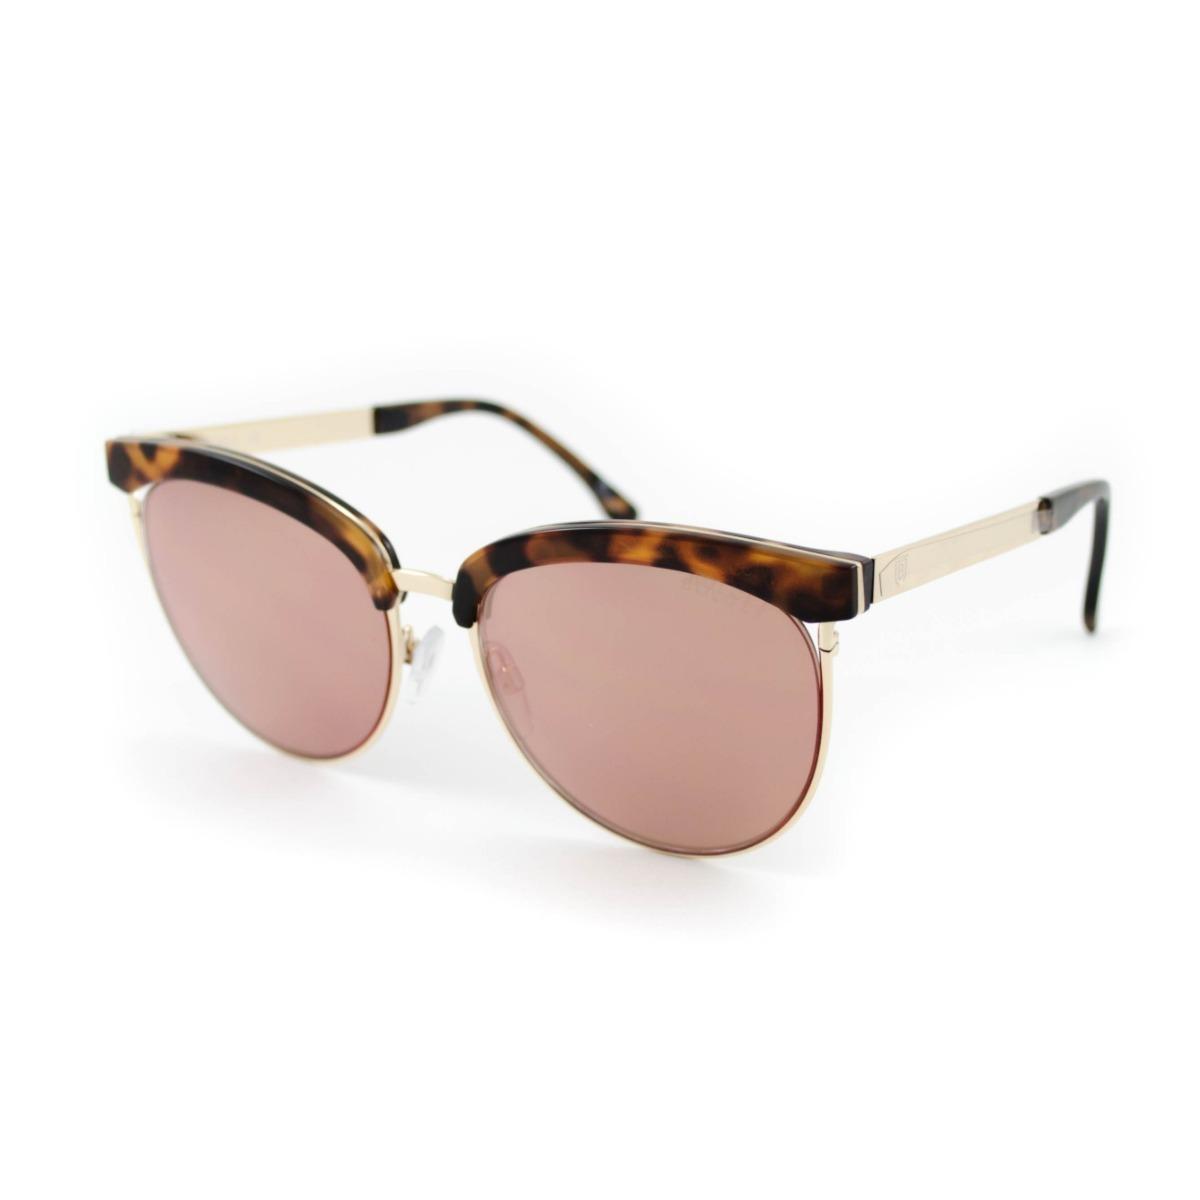 Óculos De Sol Bulget - Bg5114 G21 - Marrom - R  199,99 em Mercado Livre dcad90729b